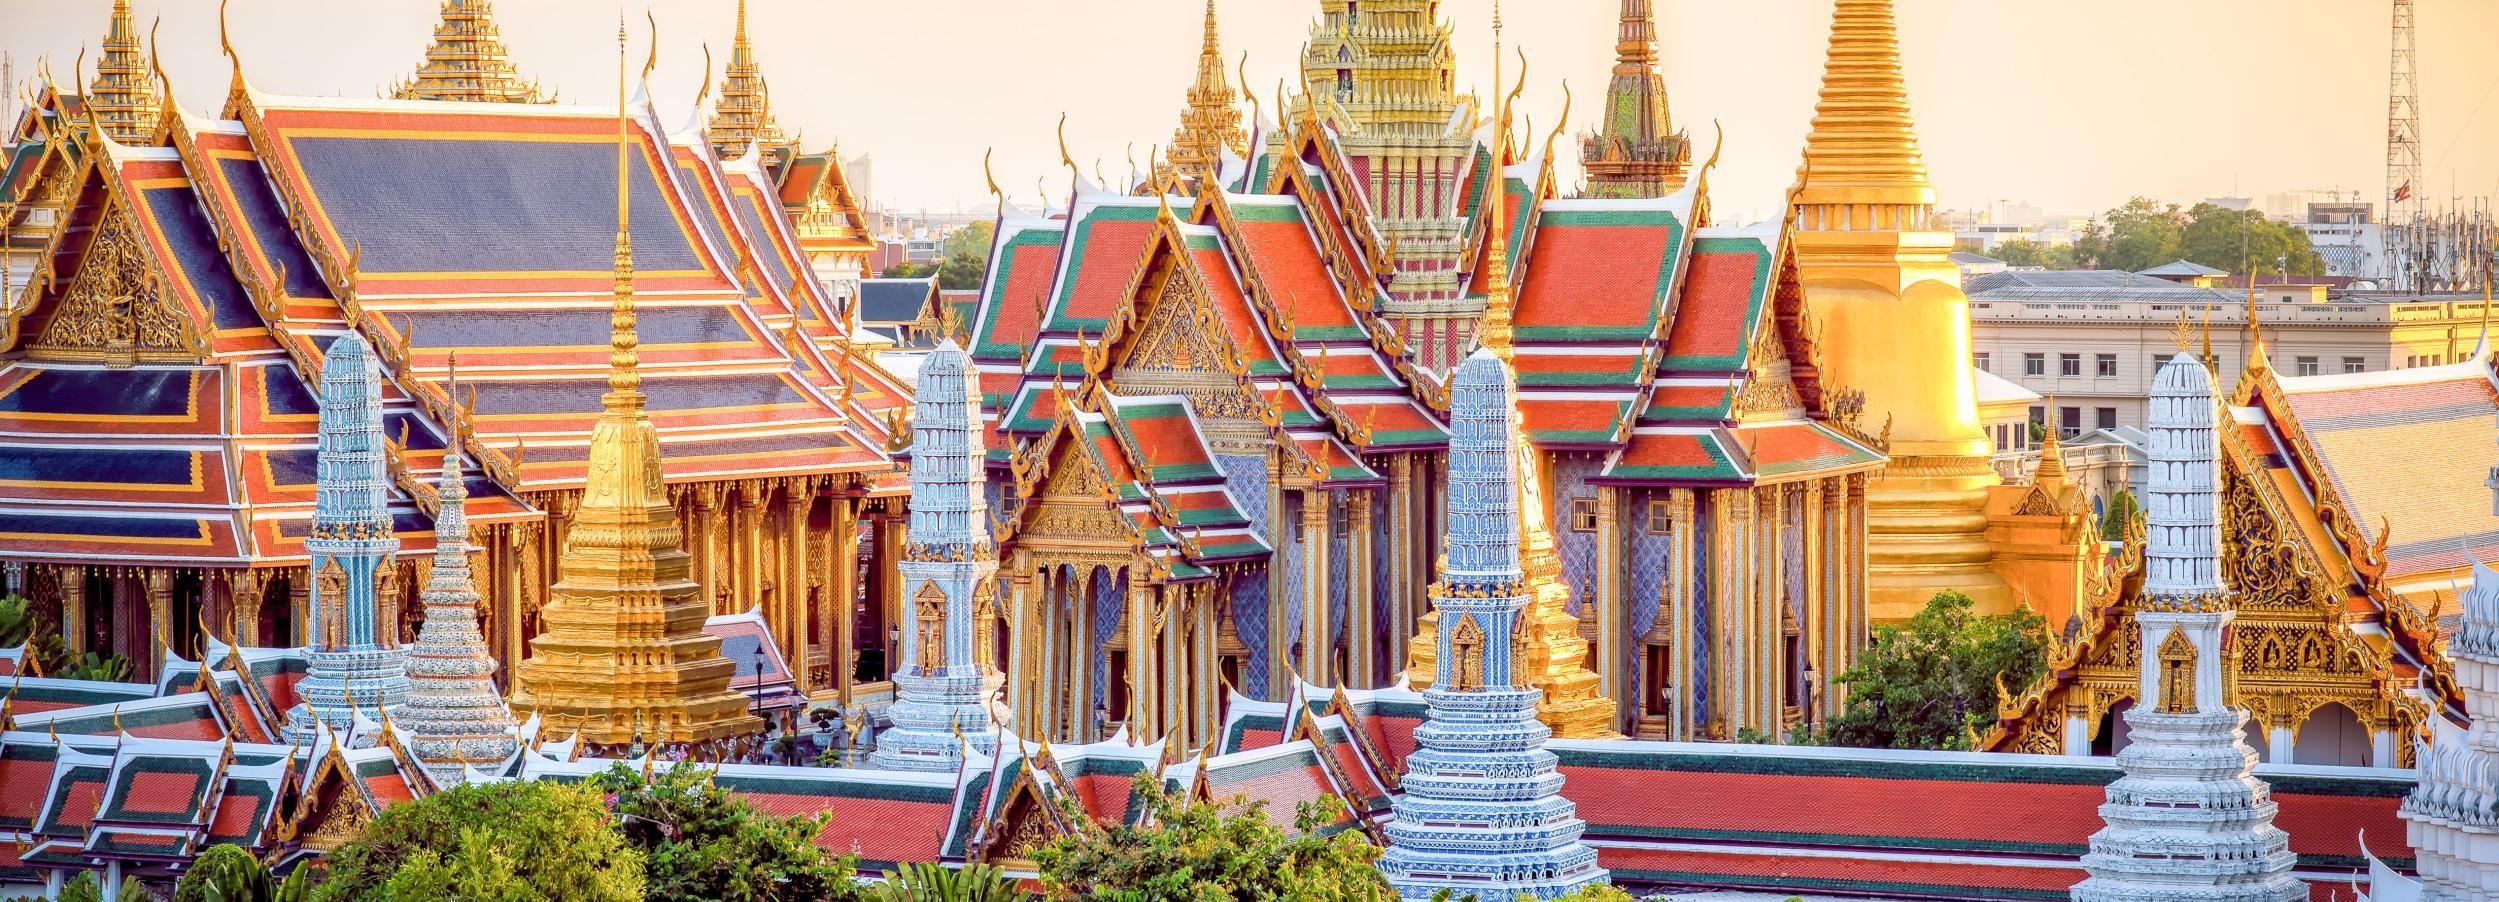 Großer Palast, Wat Pho & Wat Arun: Tempelrundgang